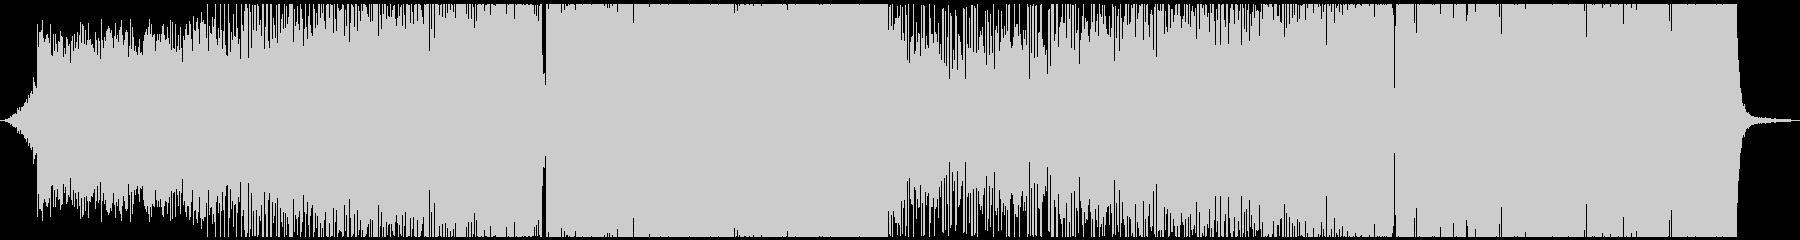 メロディックEDM・エレクトロの未再生の波形